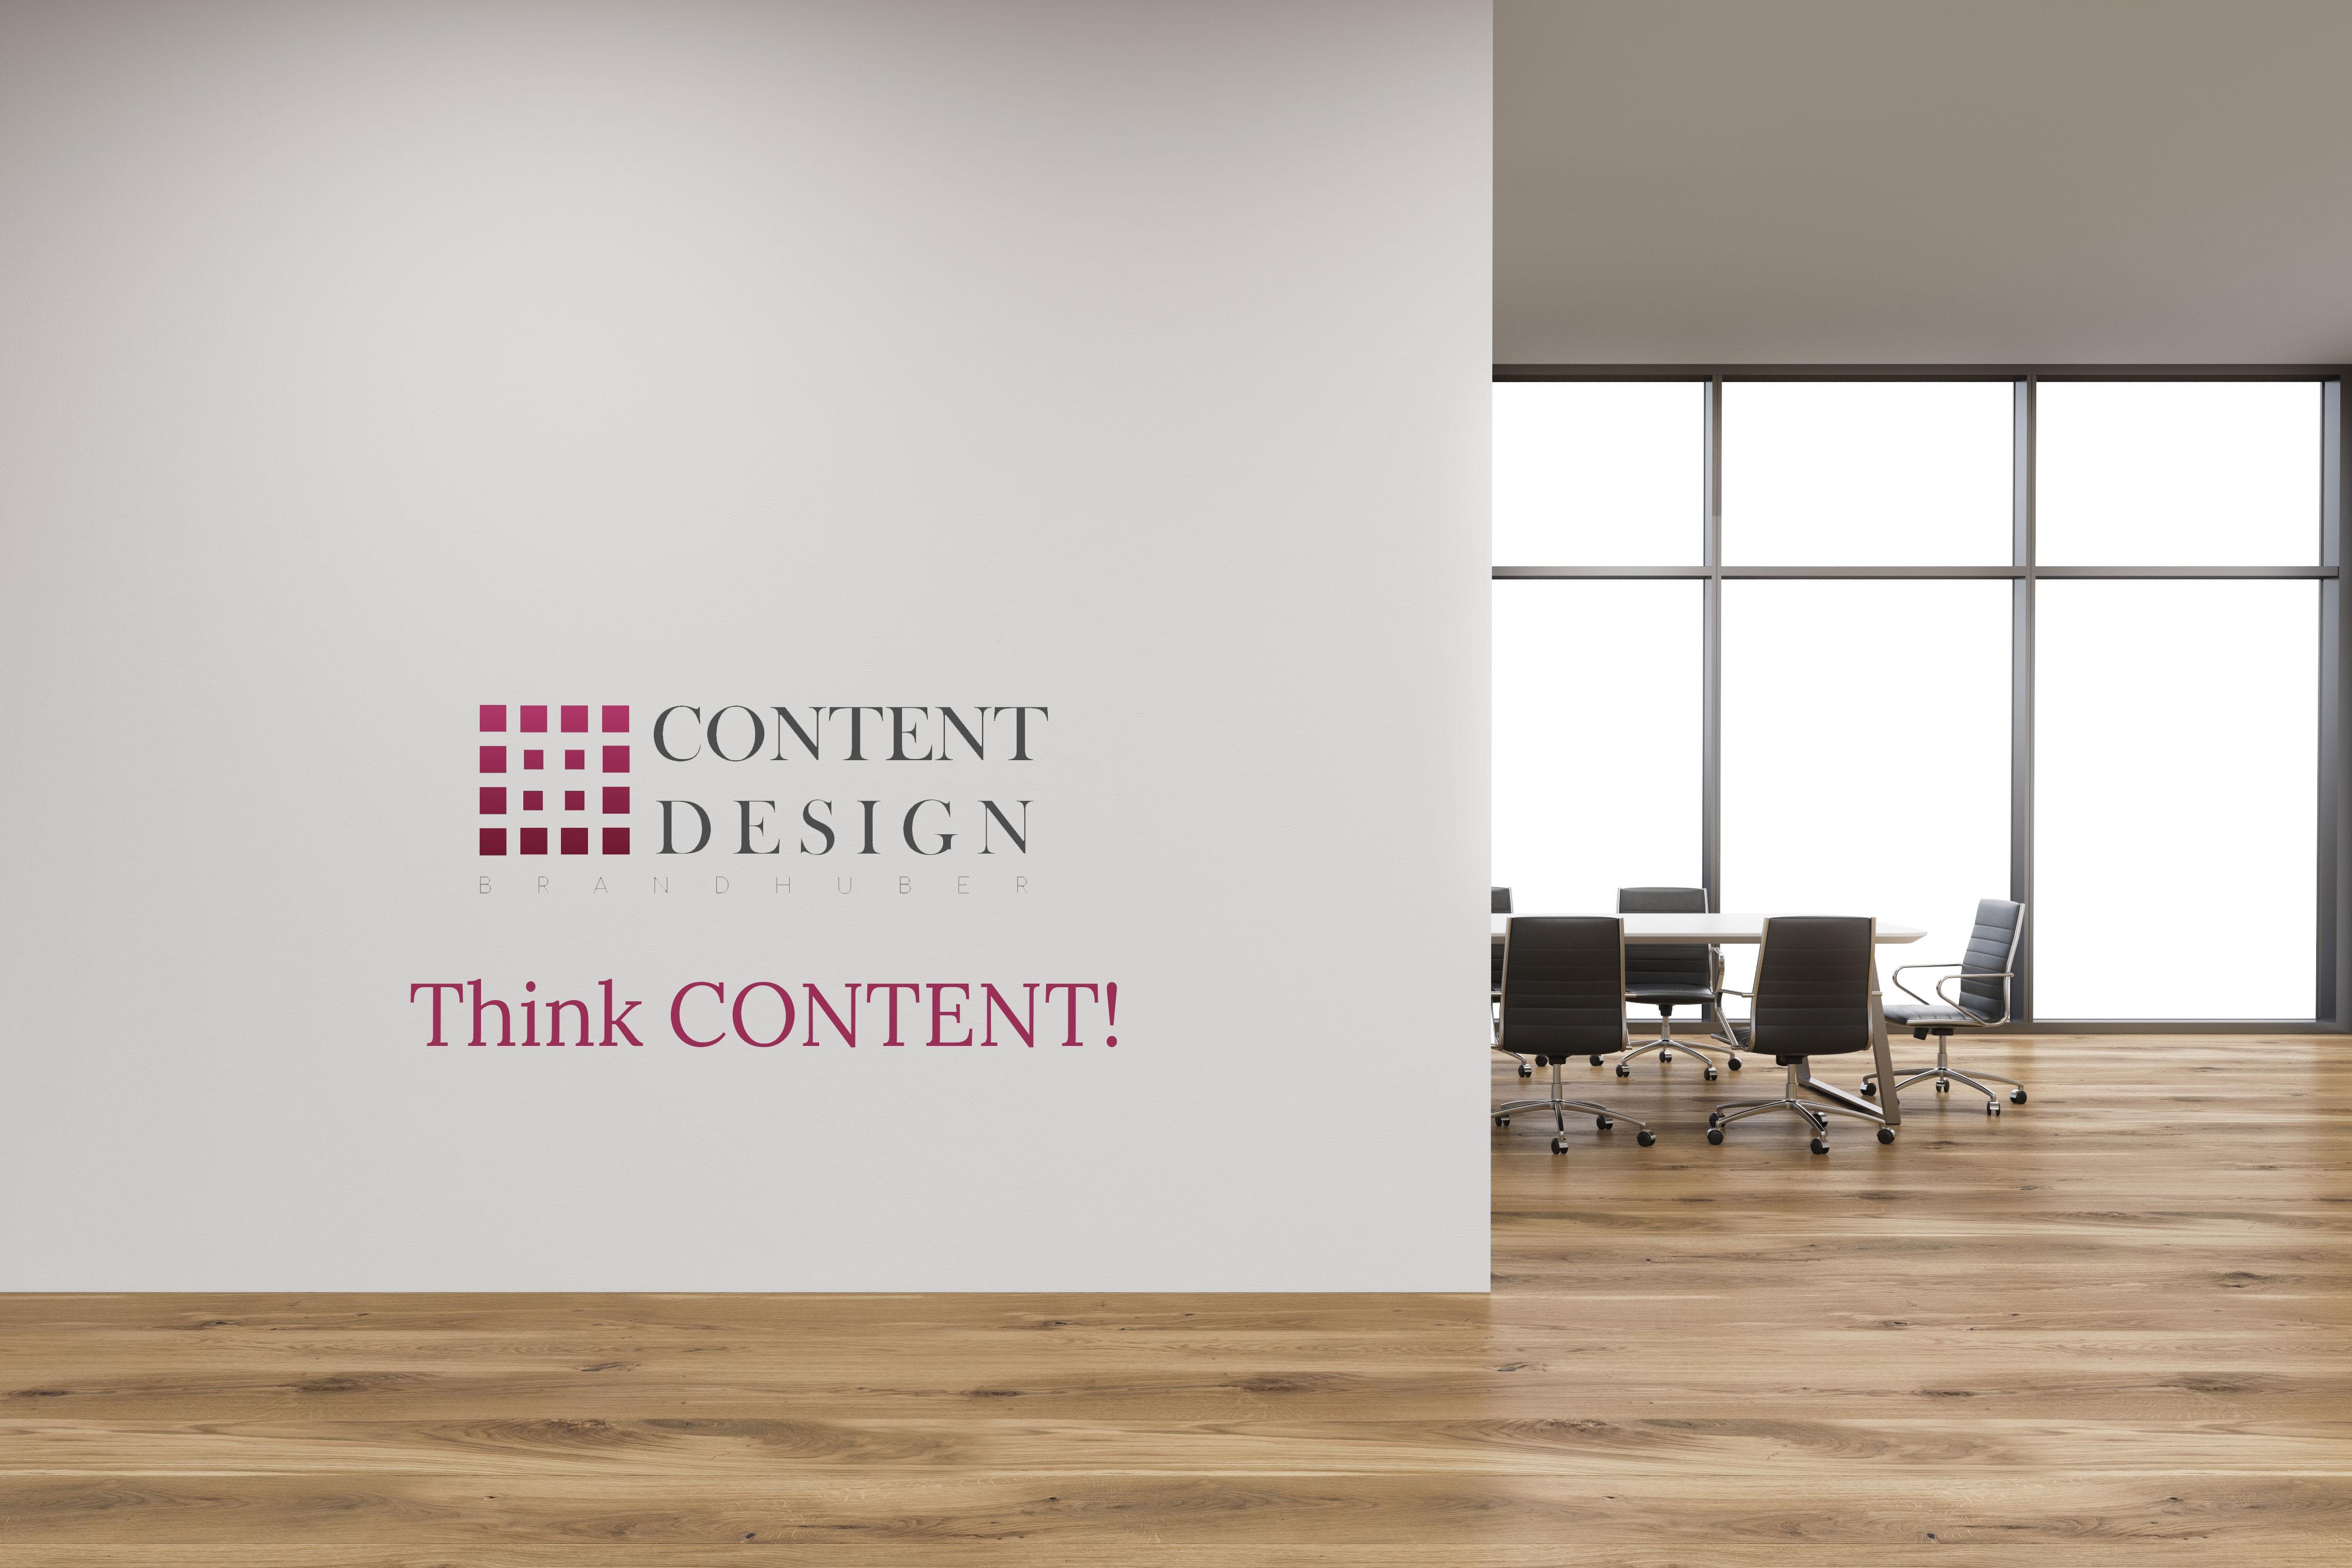 Besprechung Content Design